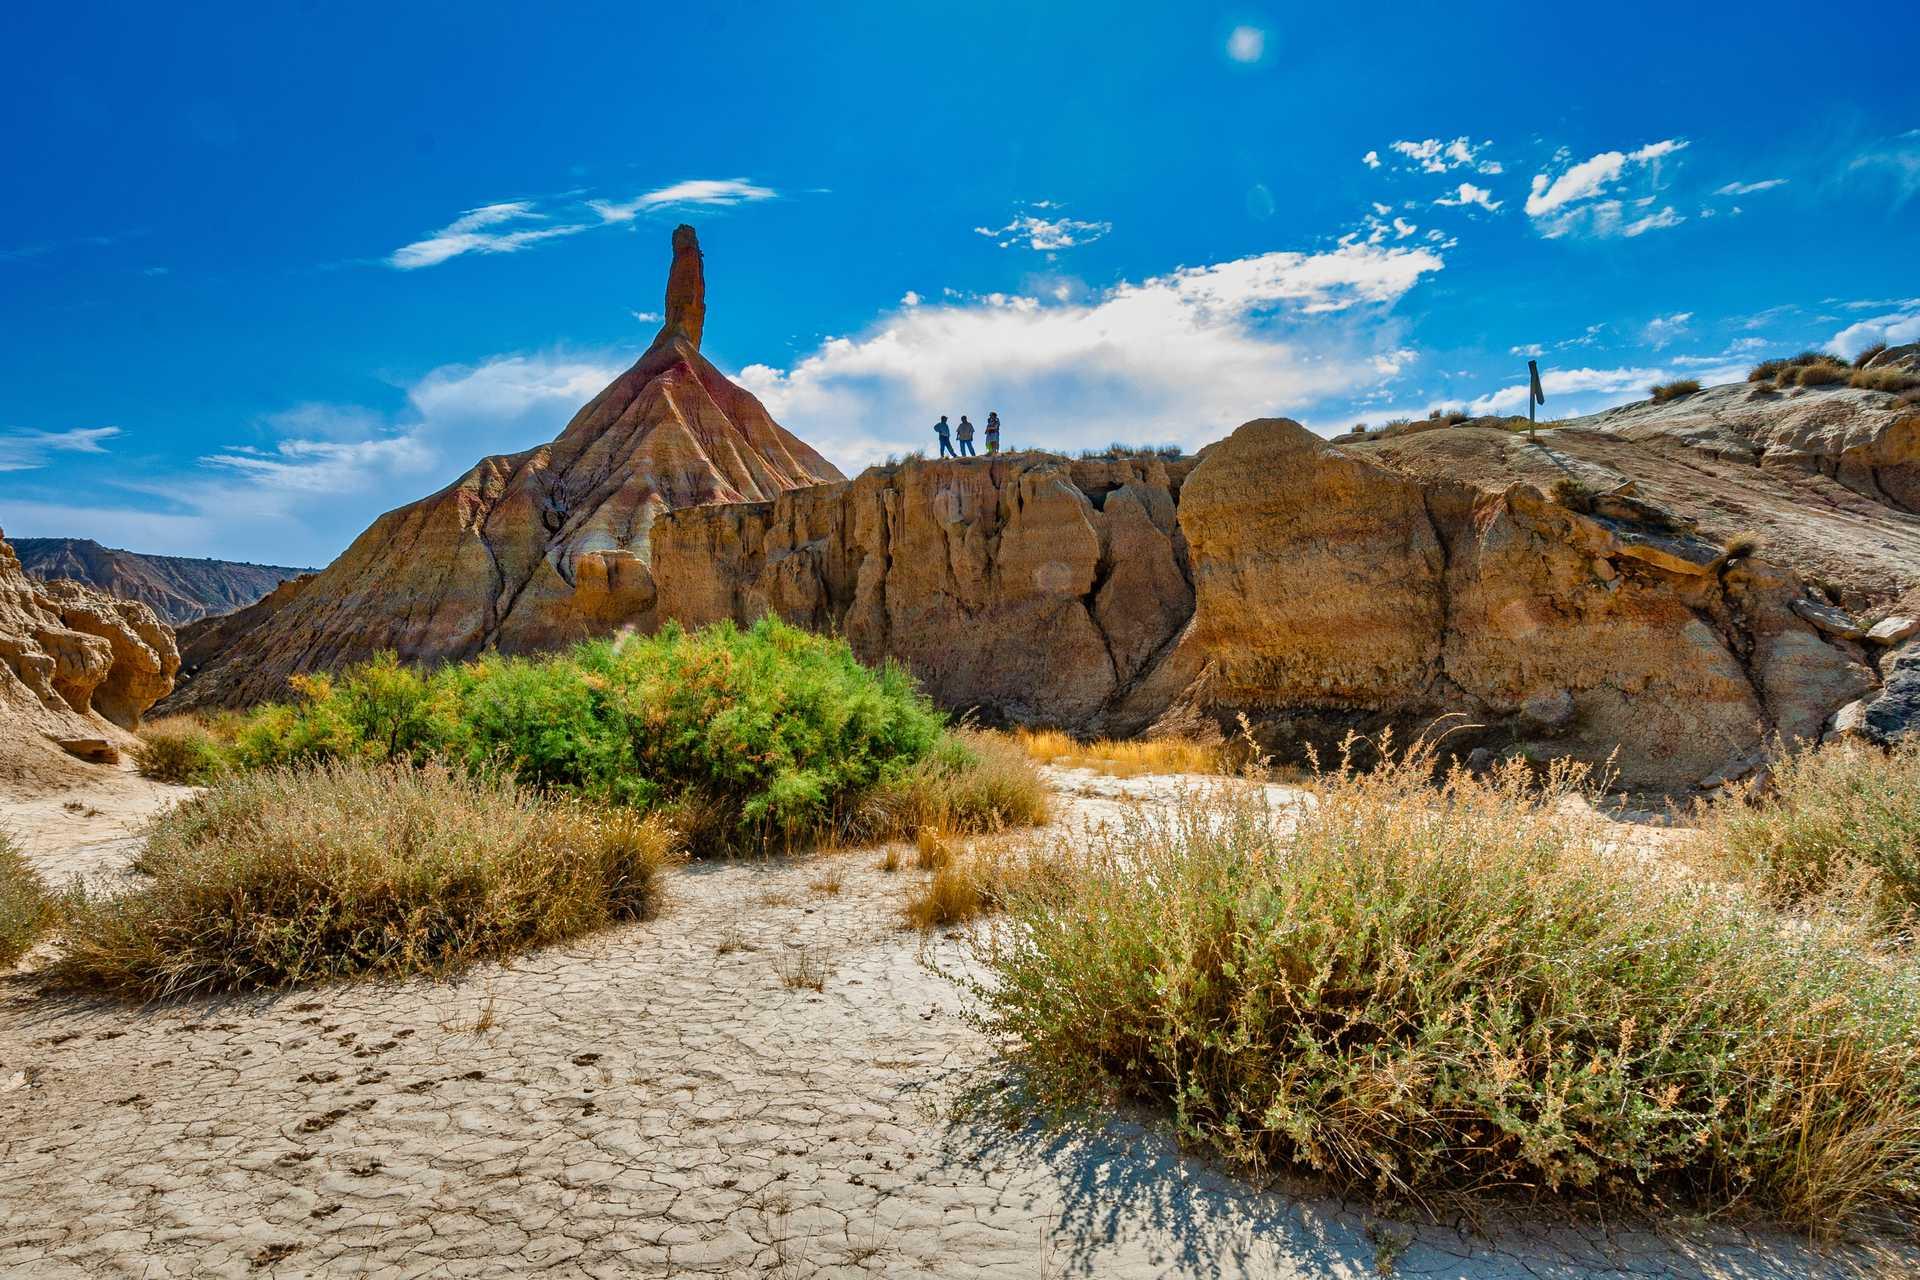 Randonneurs dans le désert des Bardenas Reales